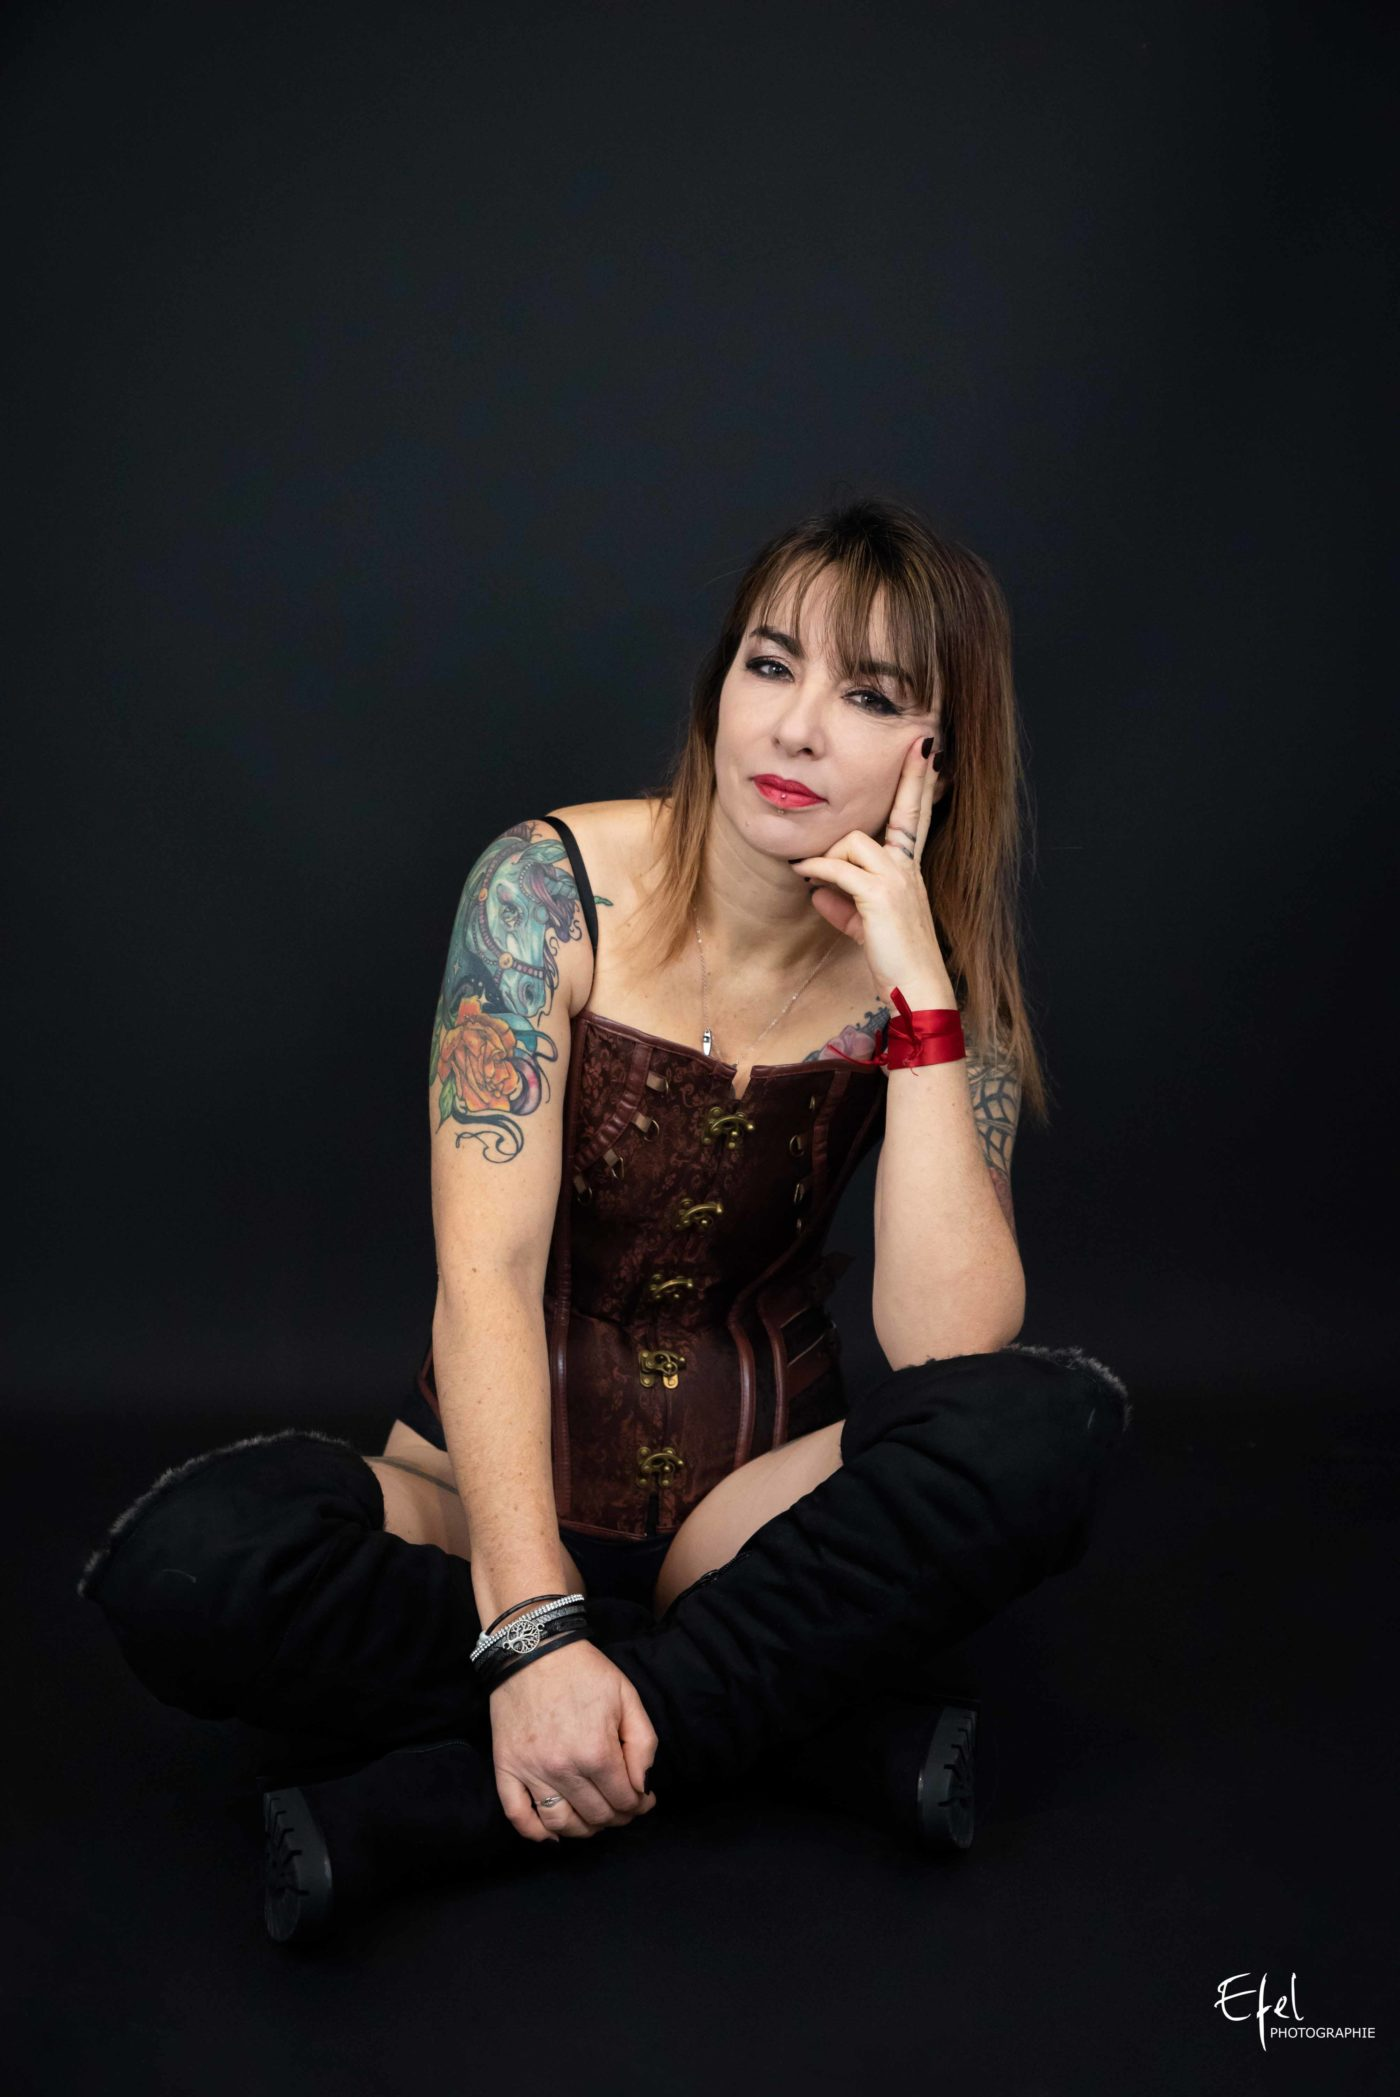 Séance photo femme tatouée photographe hautes alpes